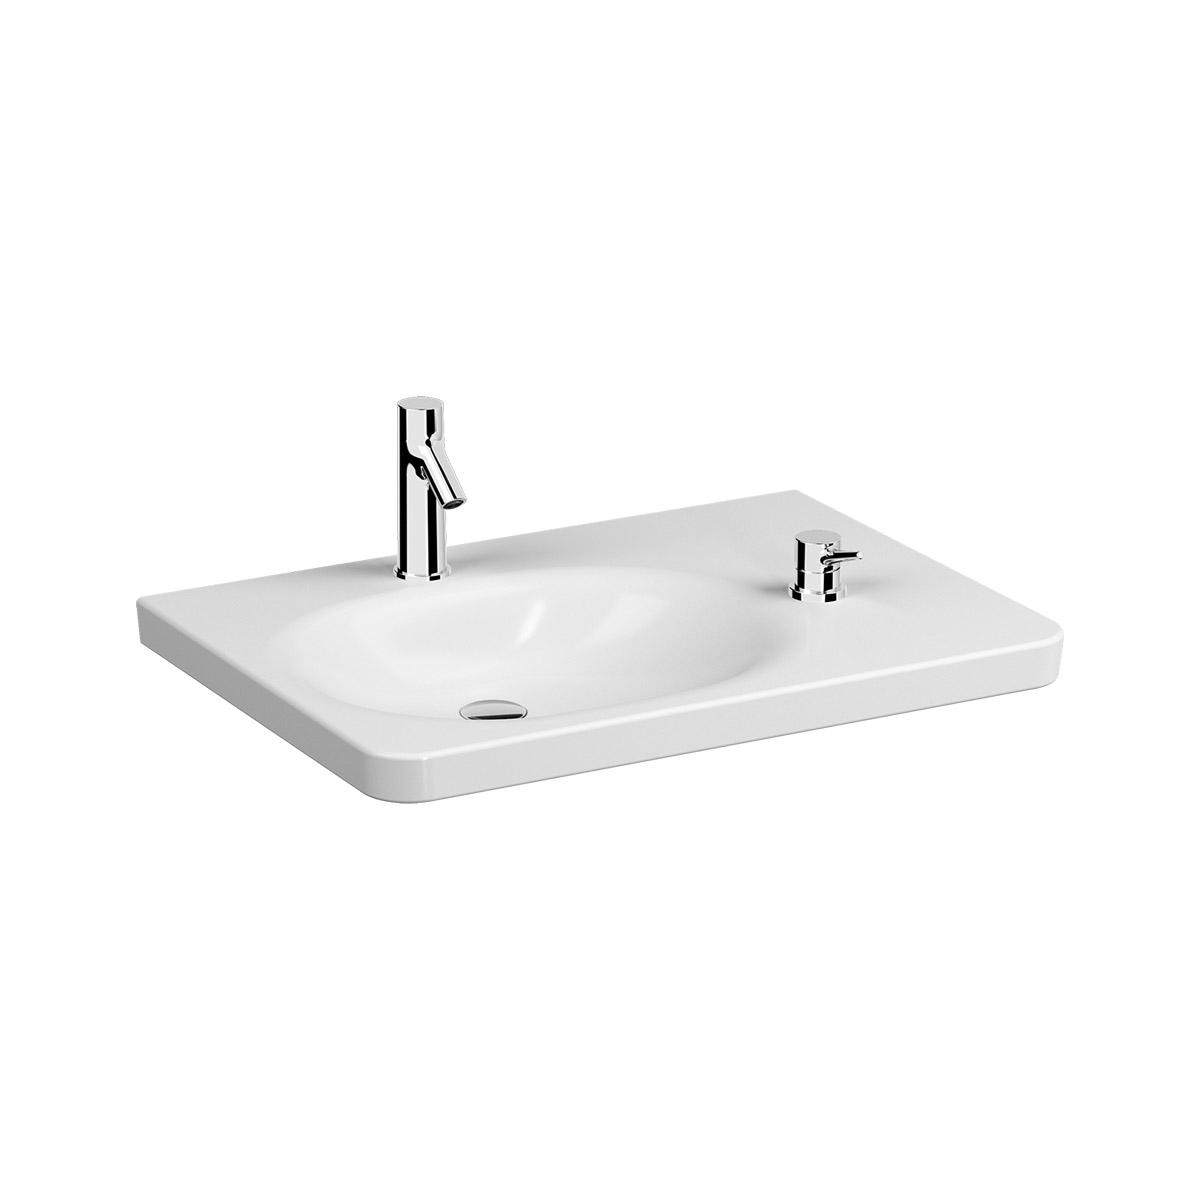 Conforma Waschtisch, 80 cm, mit Thermostat-Armatur, 1 Hahnloch und 1 Loch für Bedienhebel vorne rechts, Weiß, VitrA Clean